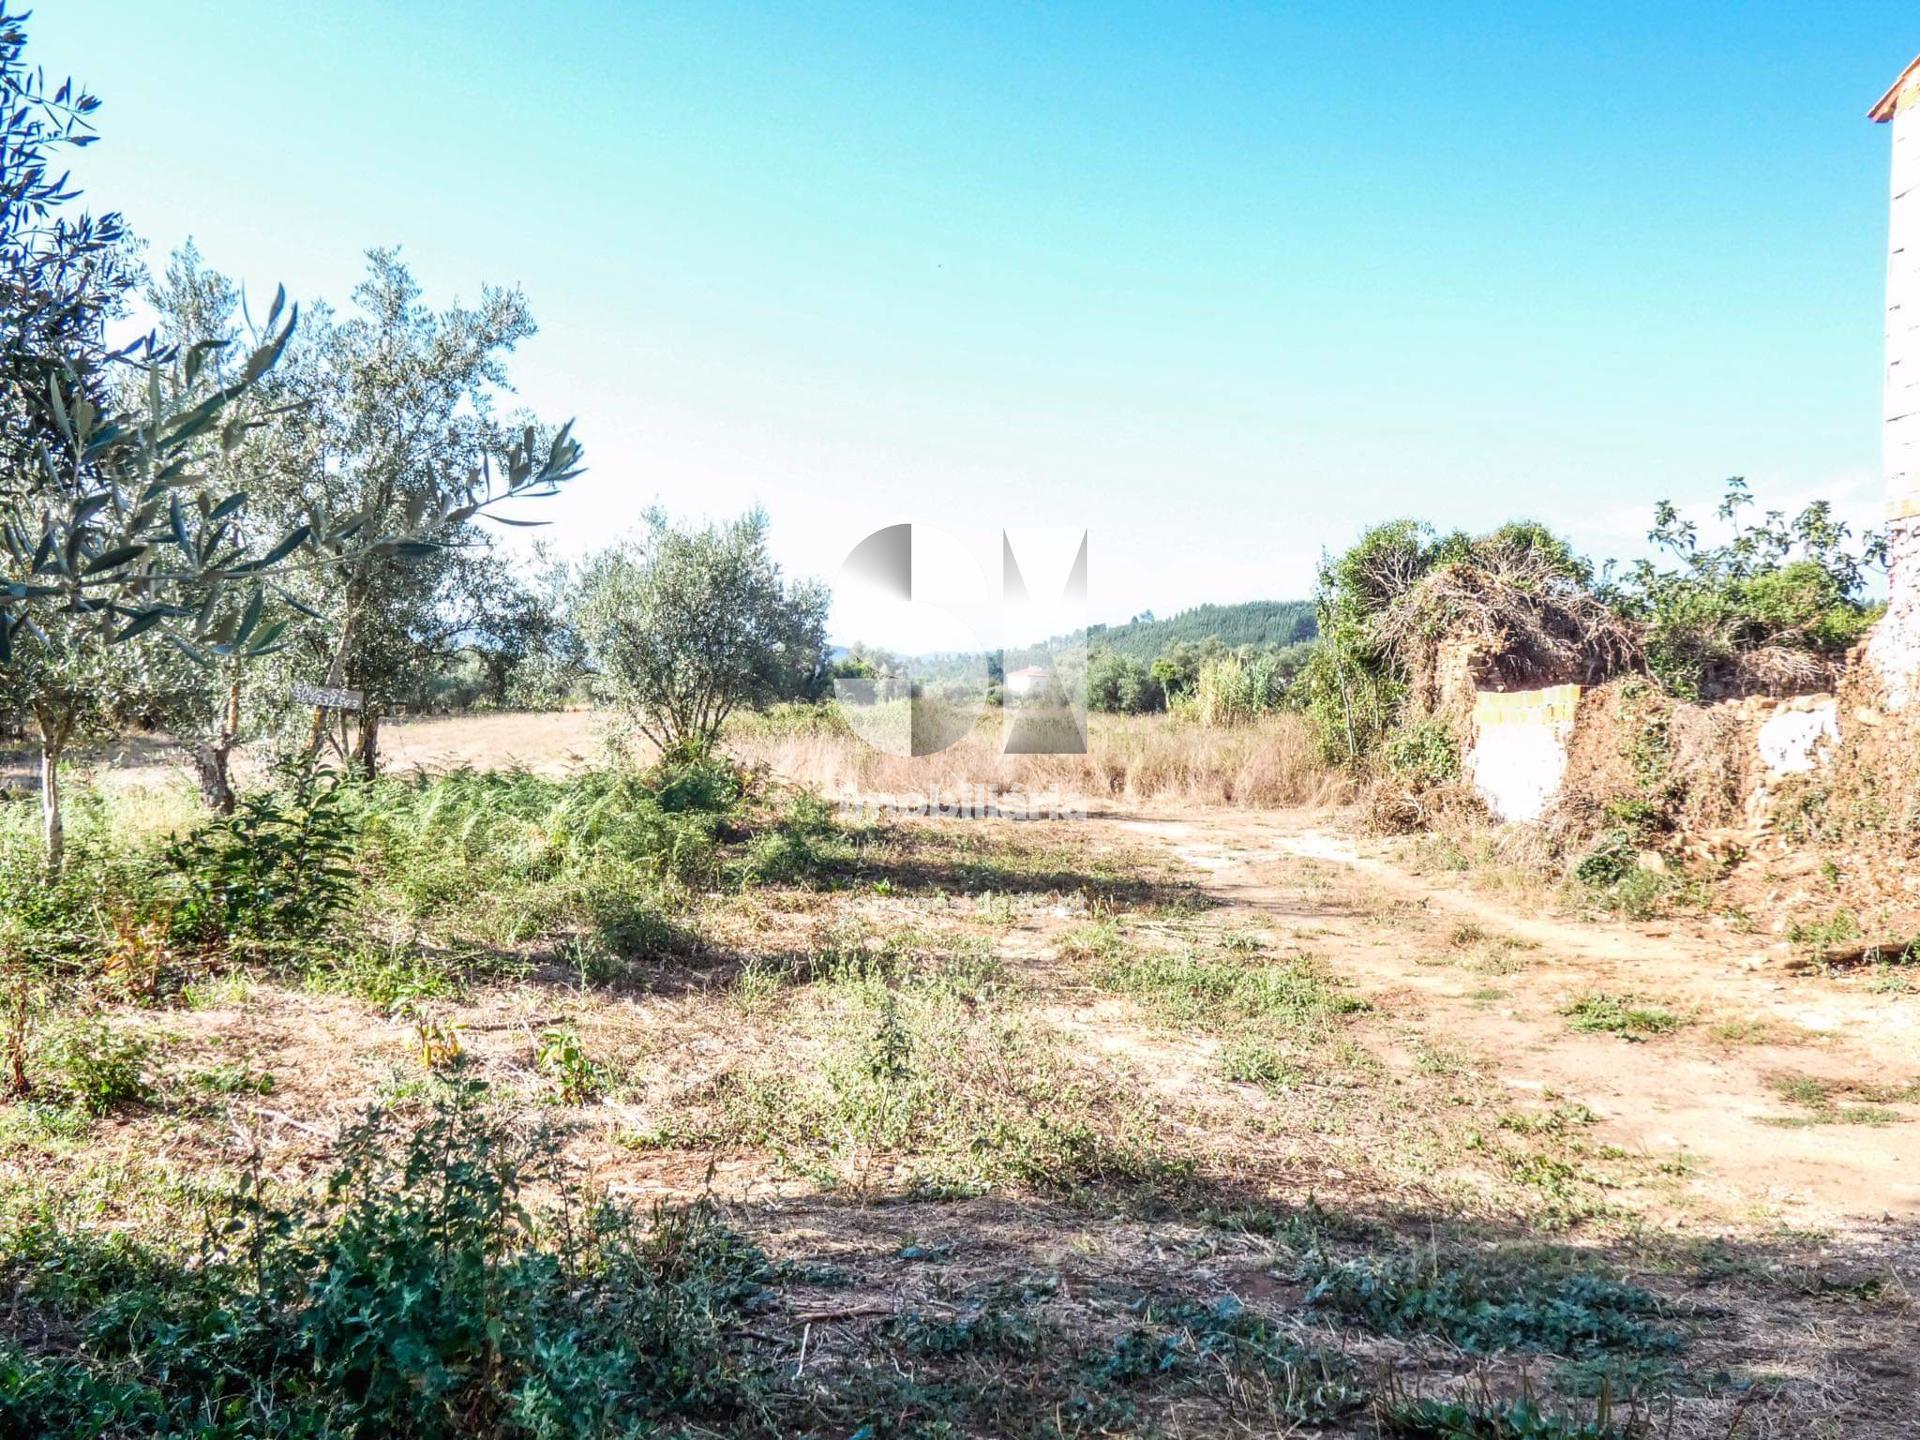 terreno para compra em lousa uniao das freguesias de lousa e vilarinho CPTLPR273